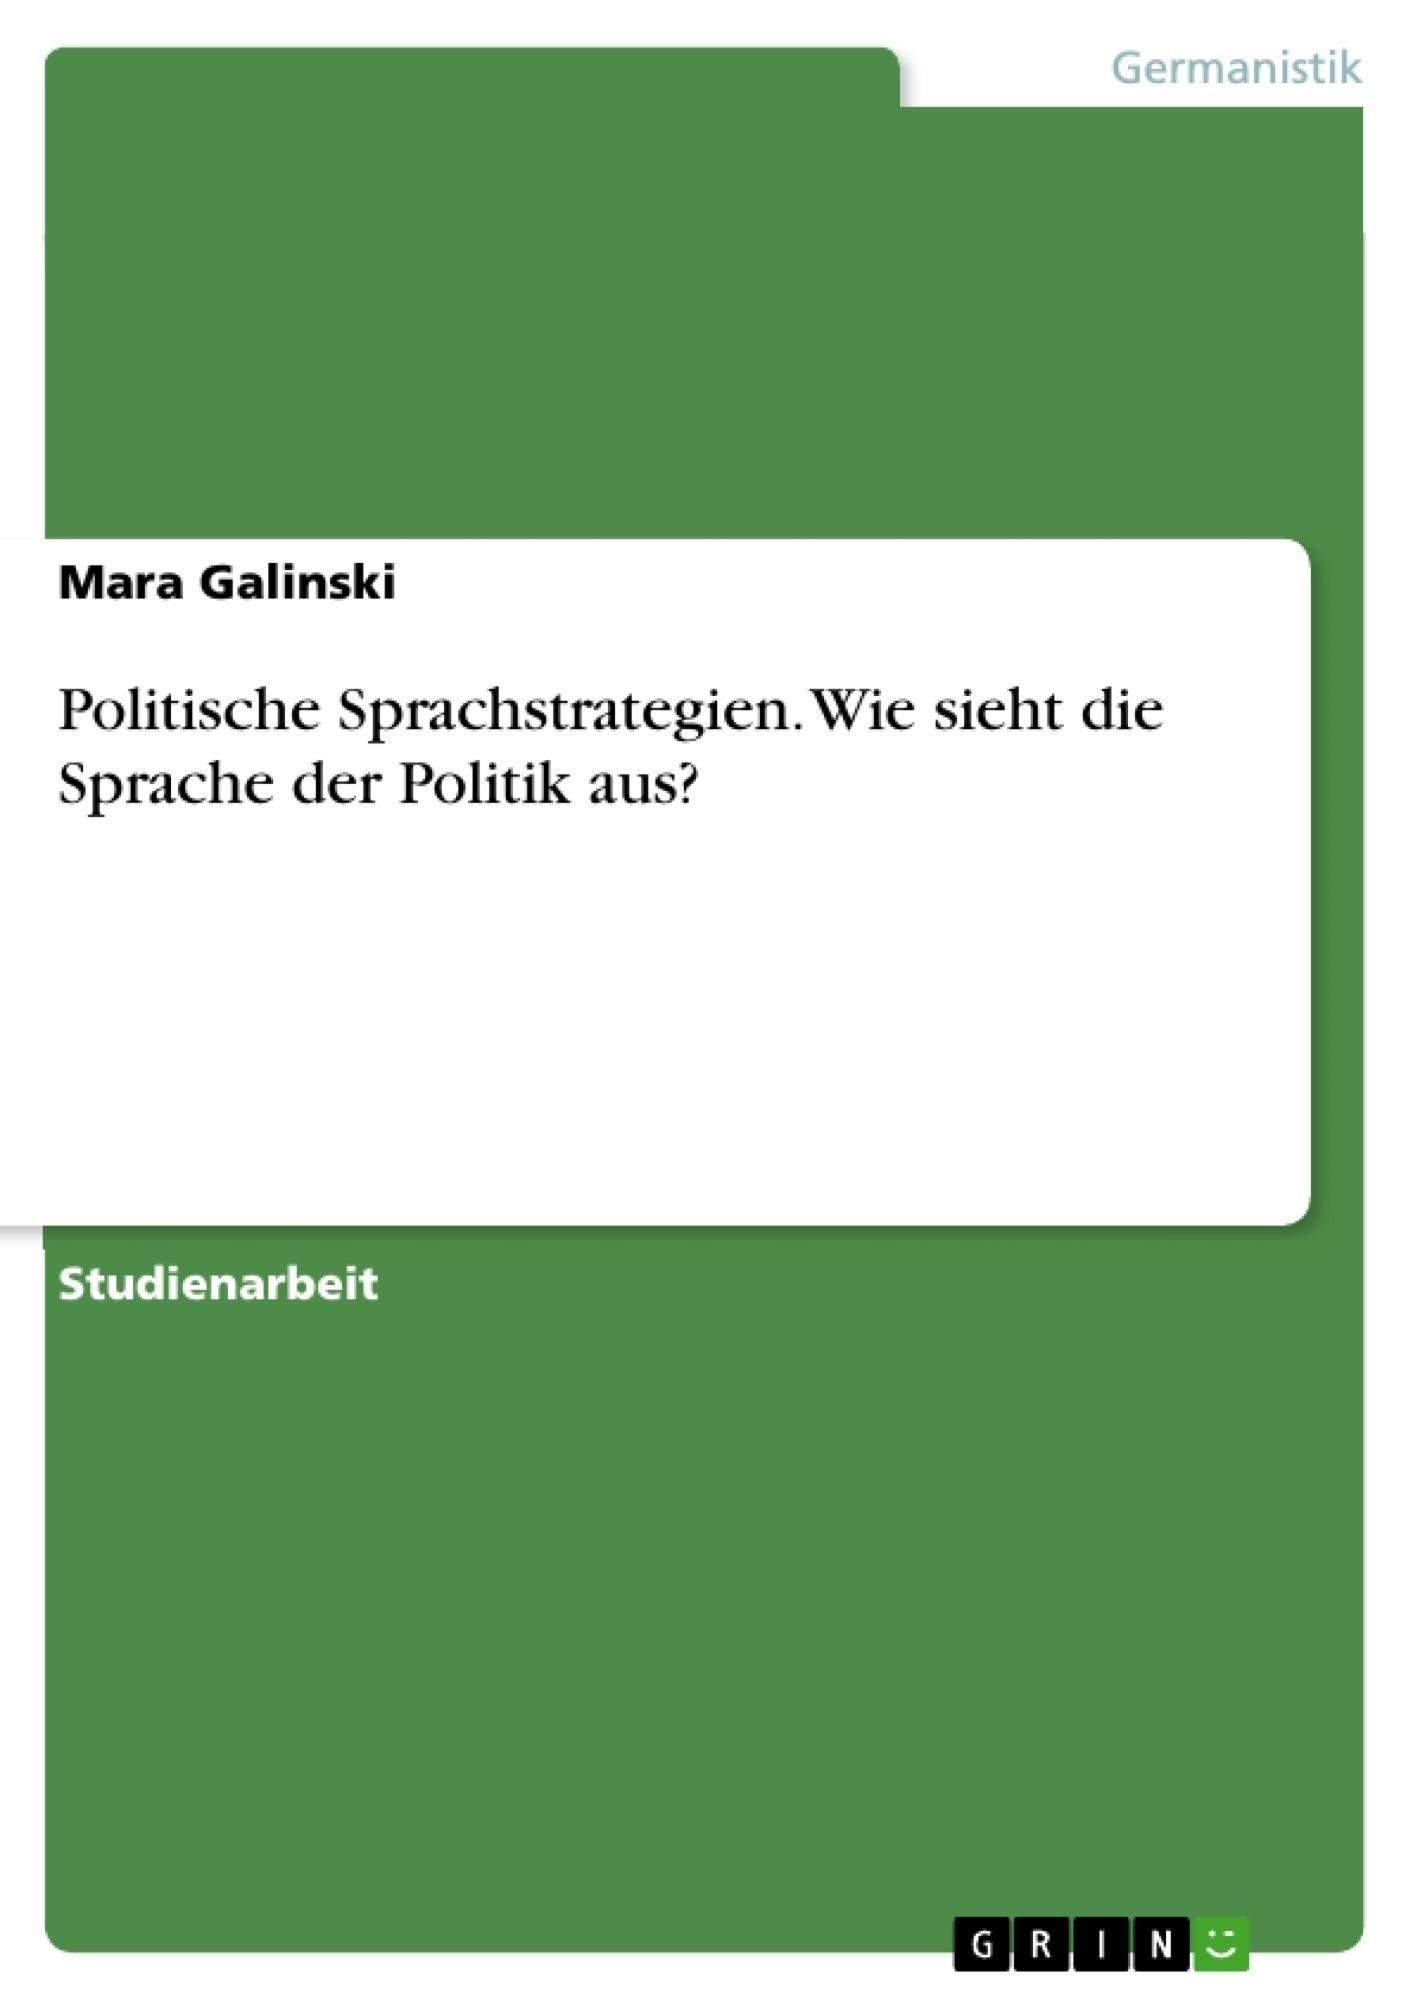 Titel: Politische Sprachstrategien. Wie sieht die Sprache der Politik aus?